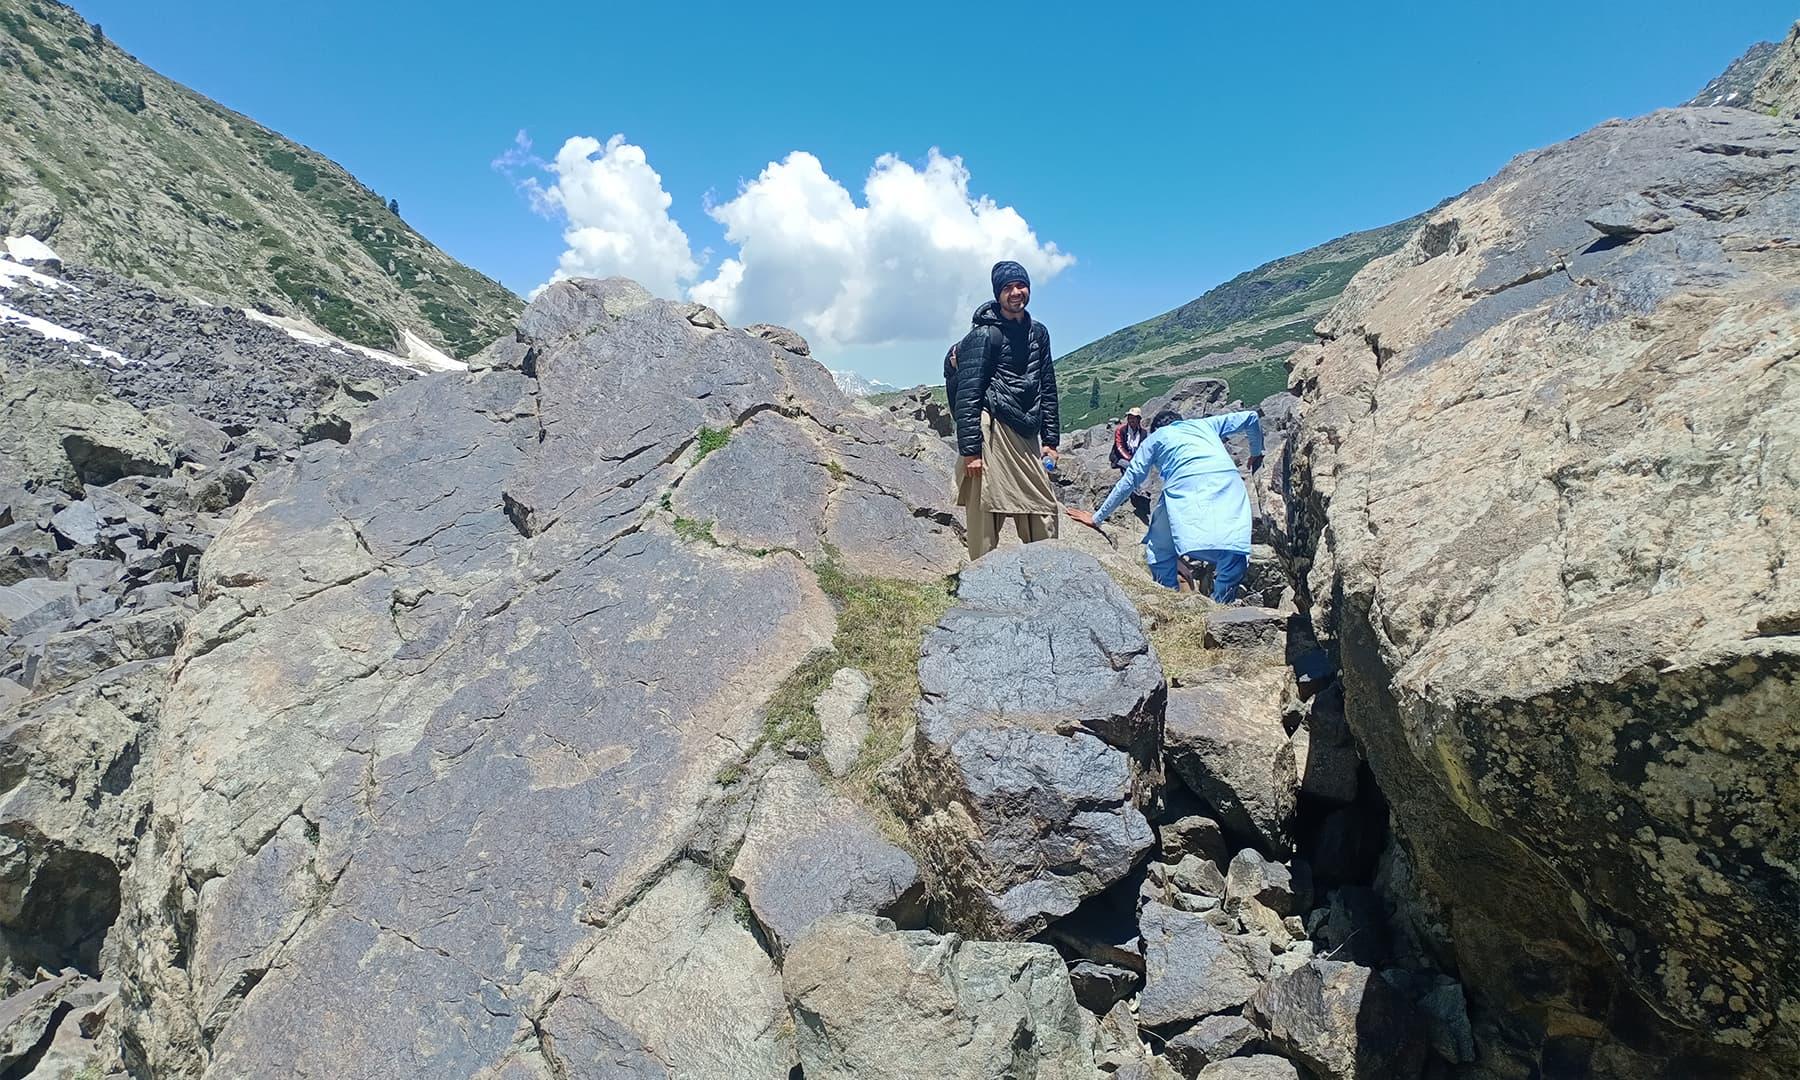 پتھروں کا نہ ختم ہونے والا سلسلہ — تصویر: عظمت اکبر